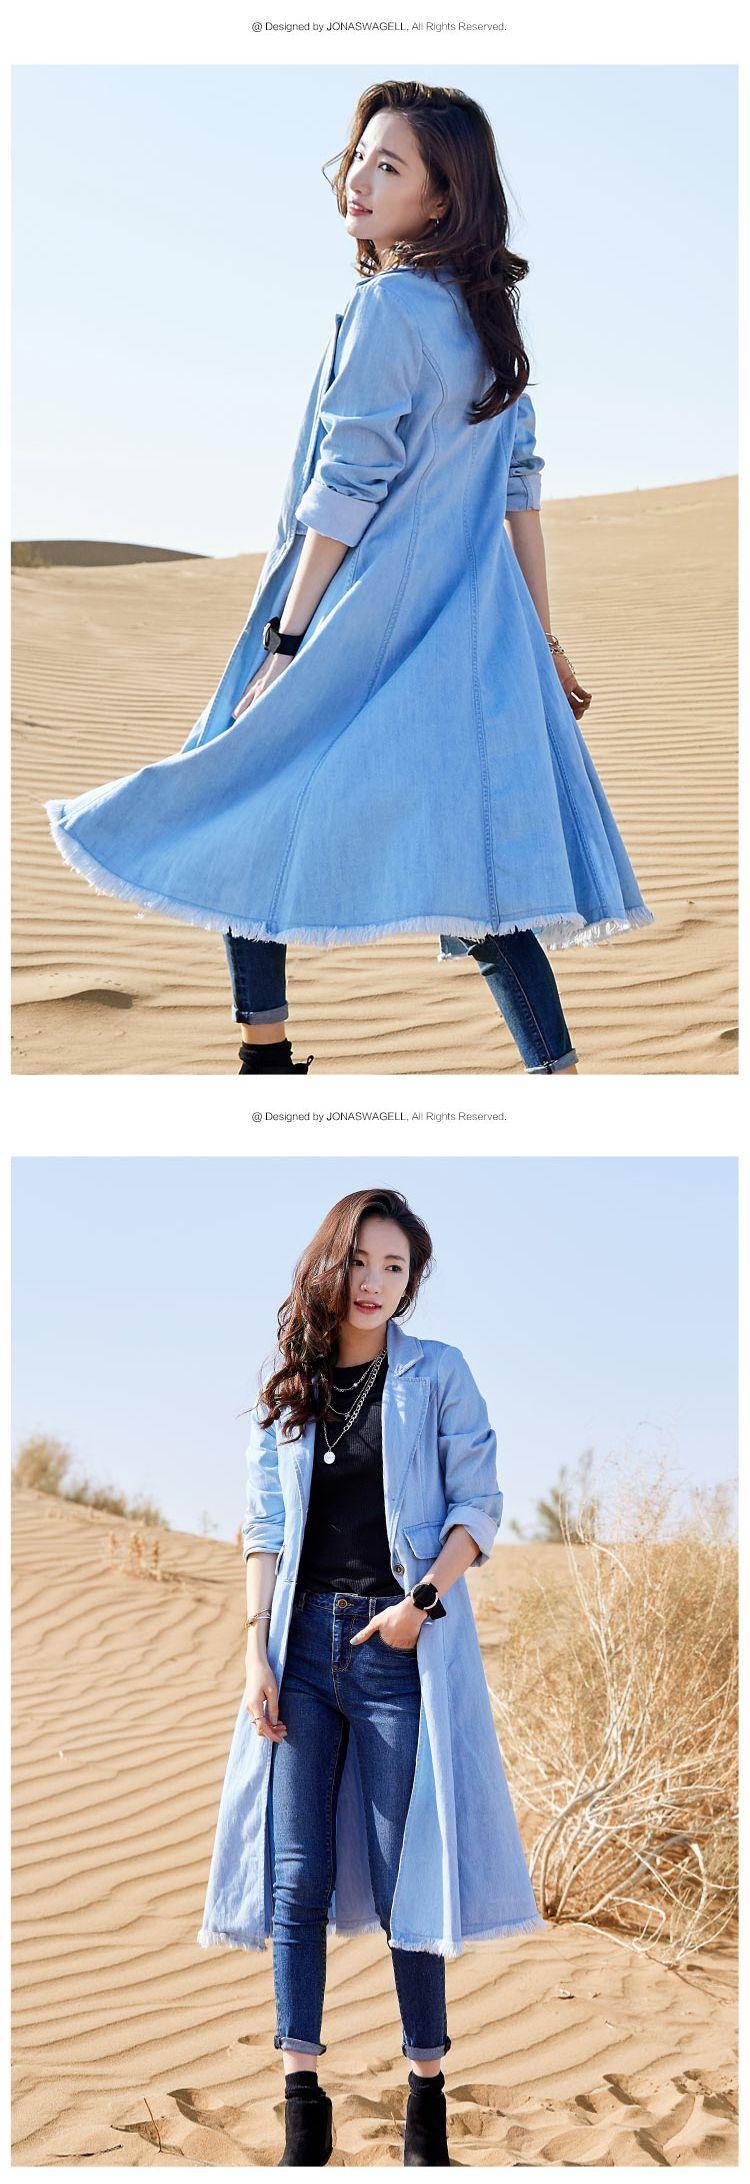 浅蓝色牛仔风衣